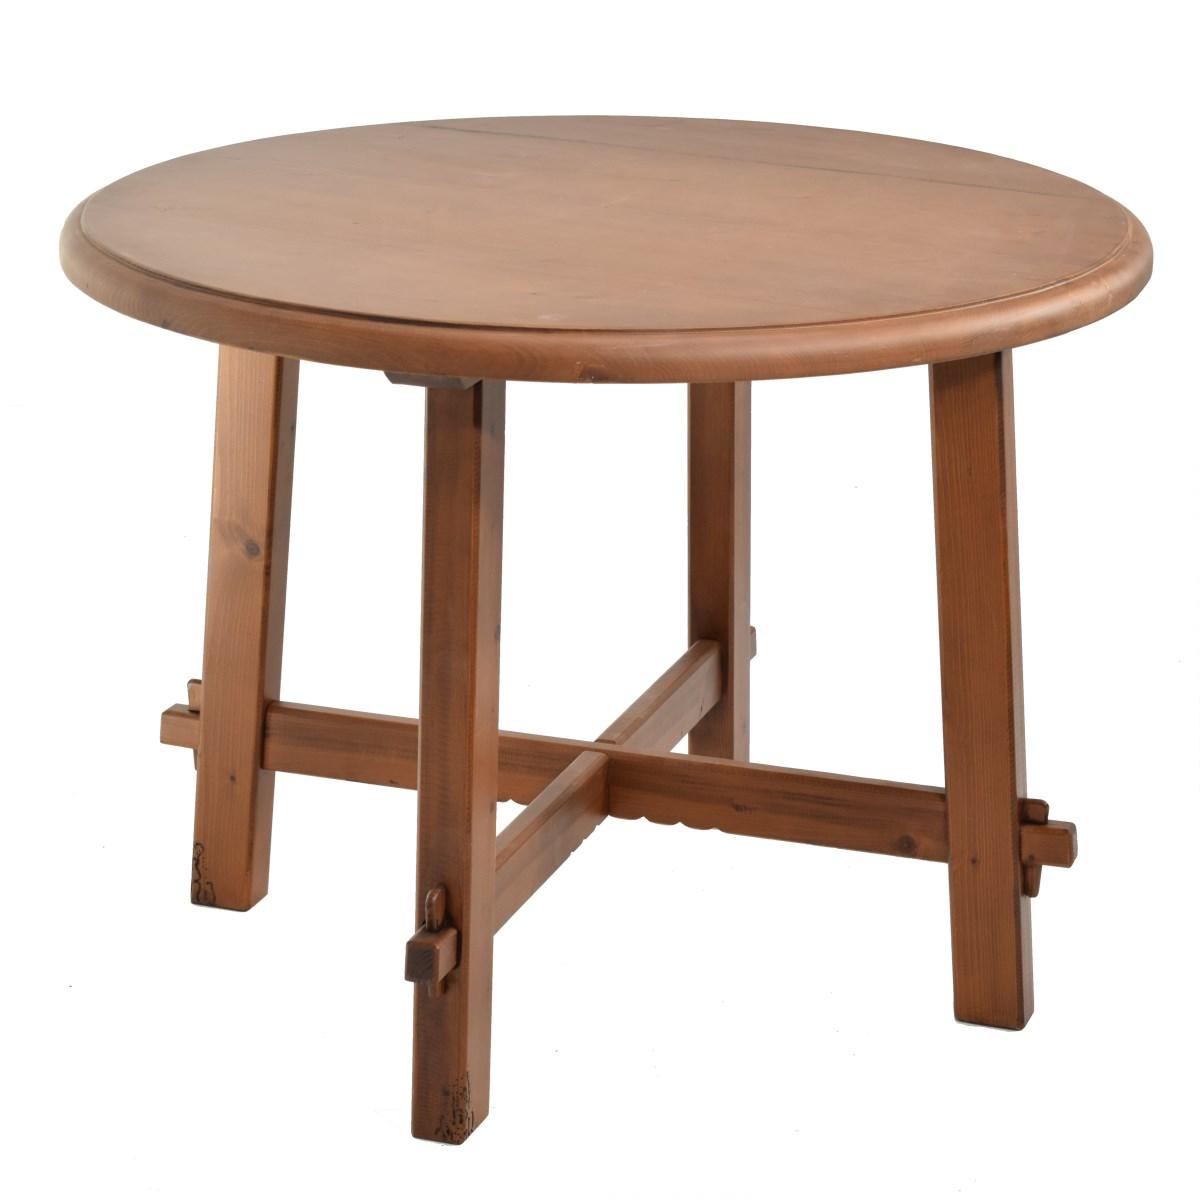 Mesa r stica redonda ecor stico venta de muebles for Mesas redondas de madera rusticas